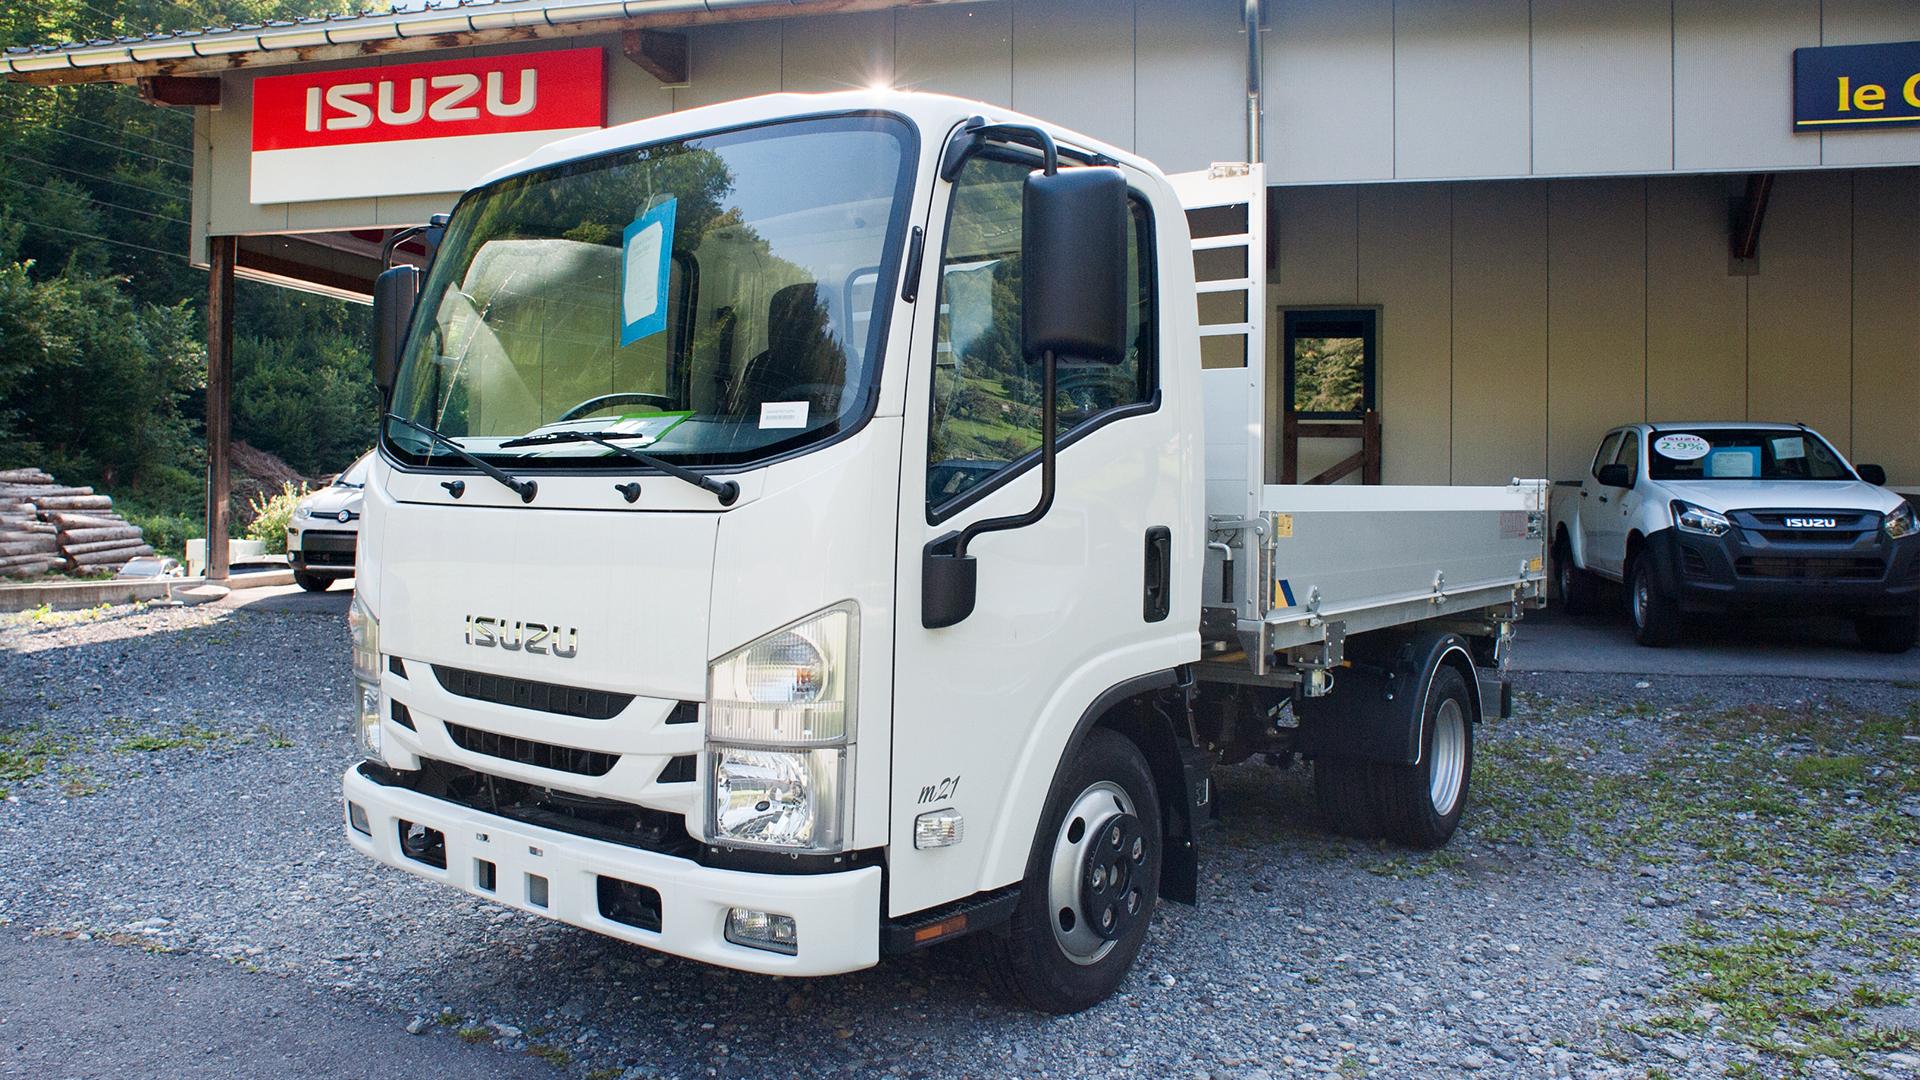 Wagen von ISUZU